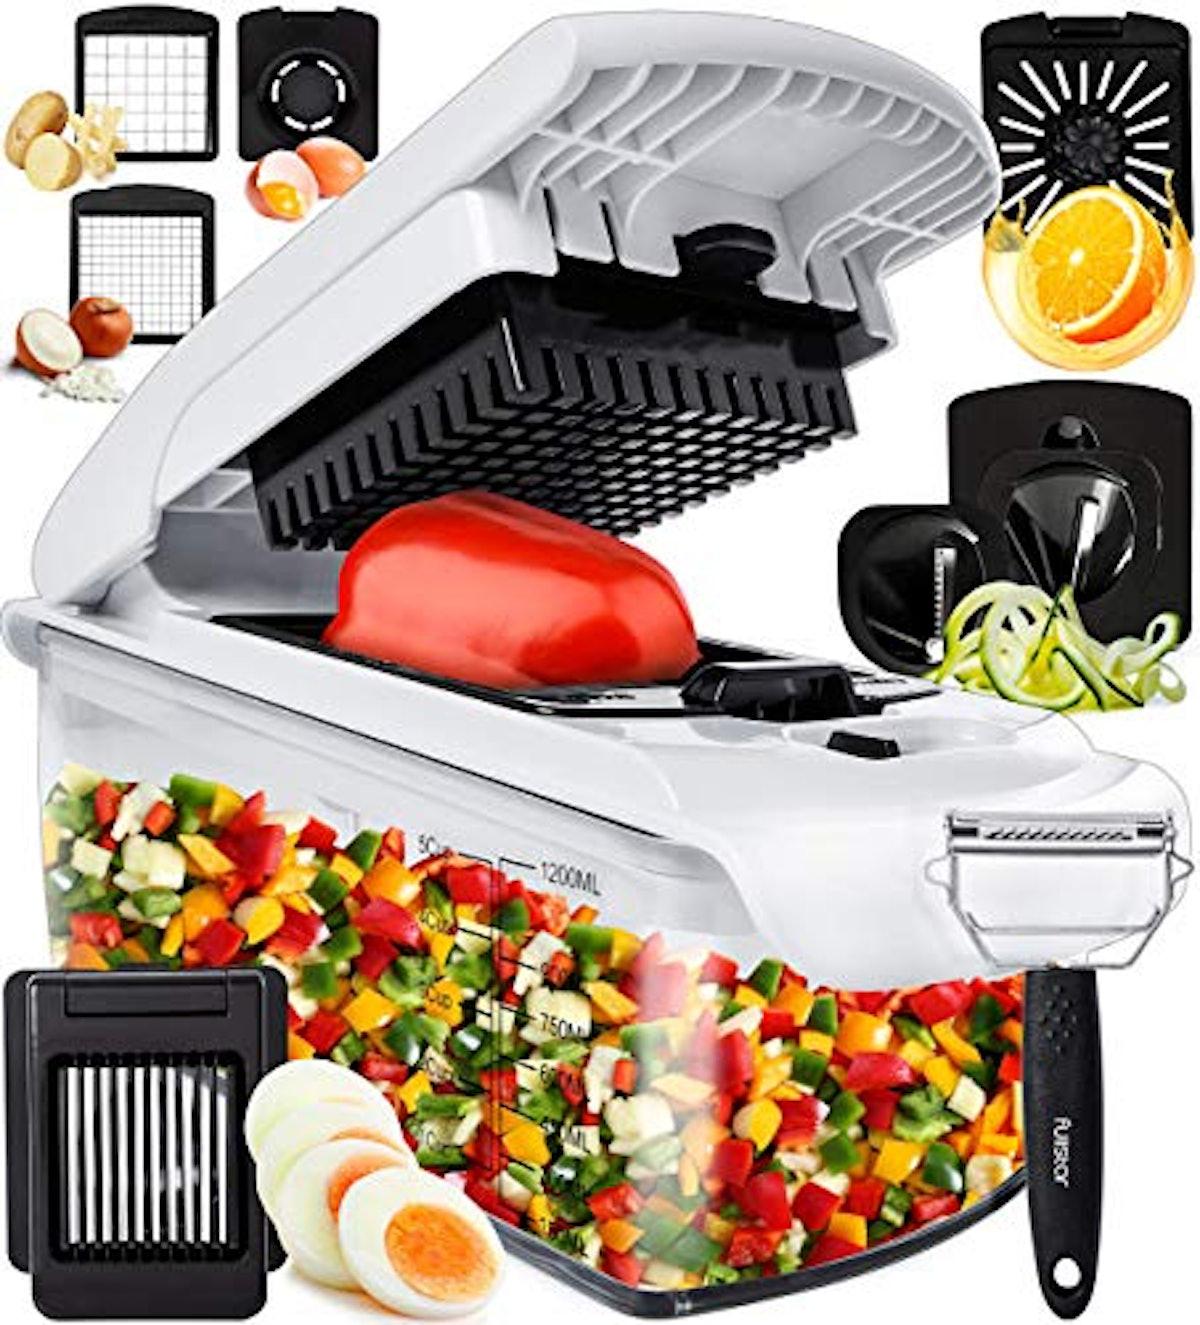 Fullstar Vegetable Chopper & Mandoline